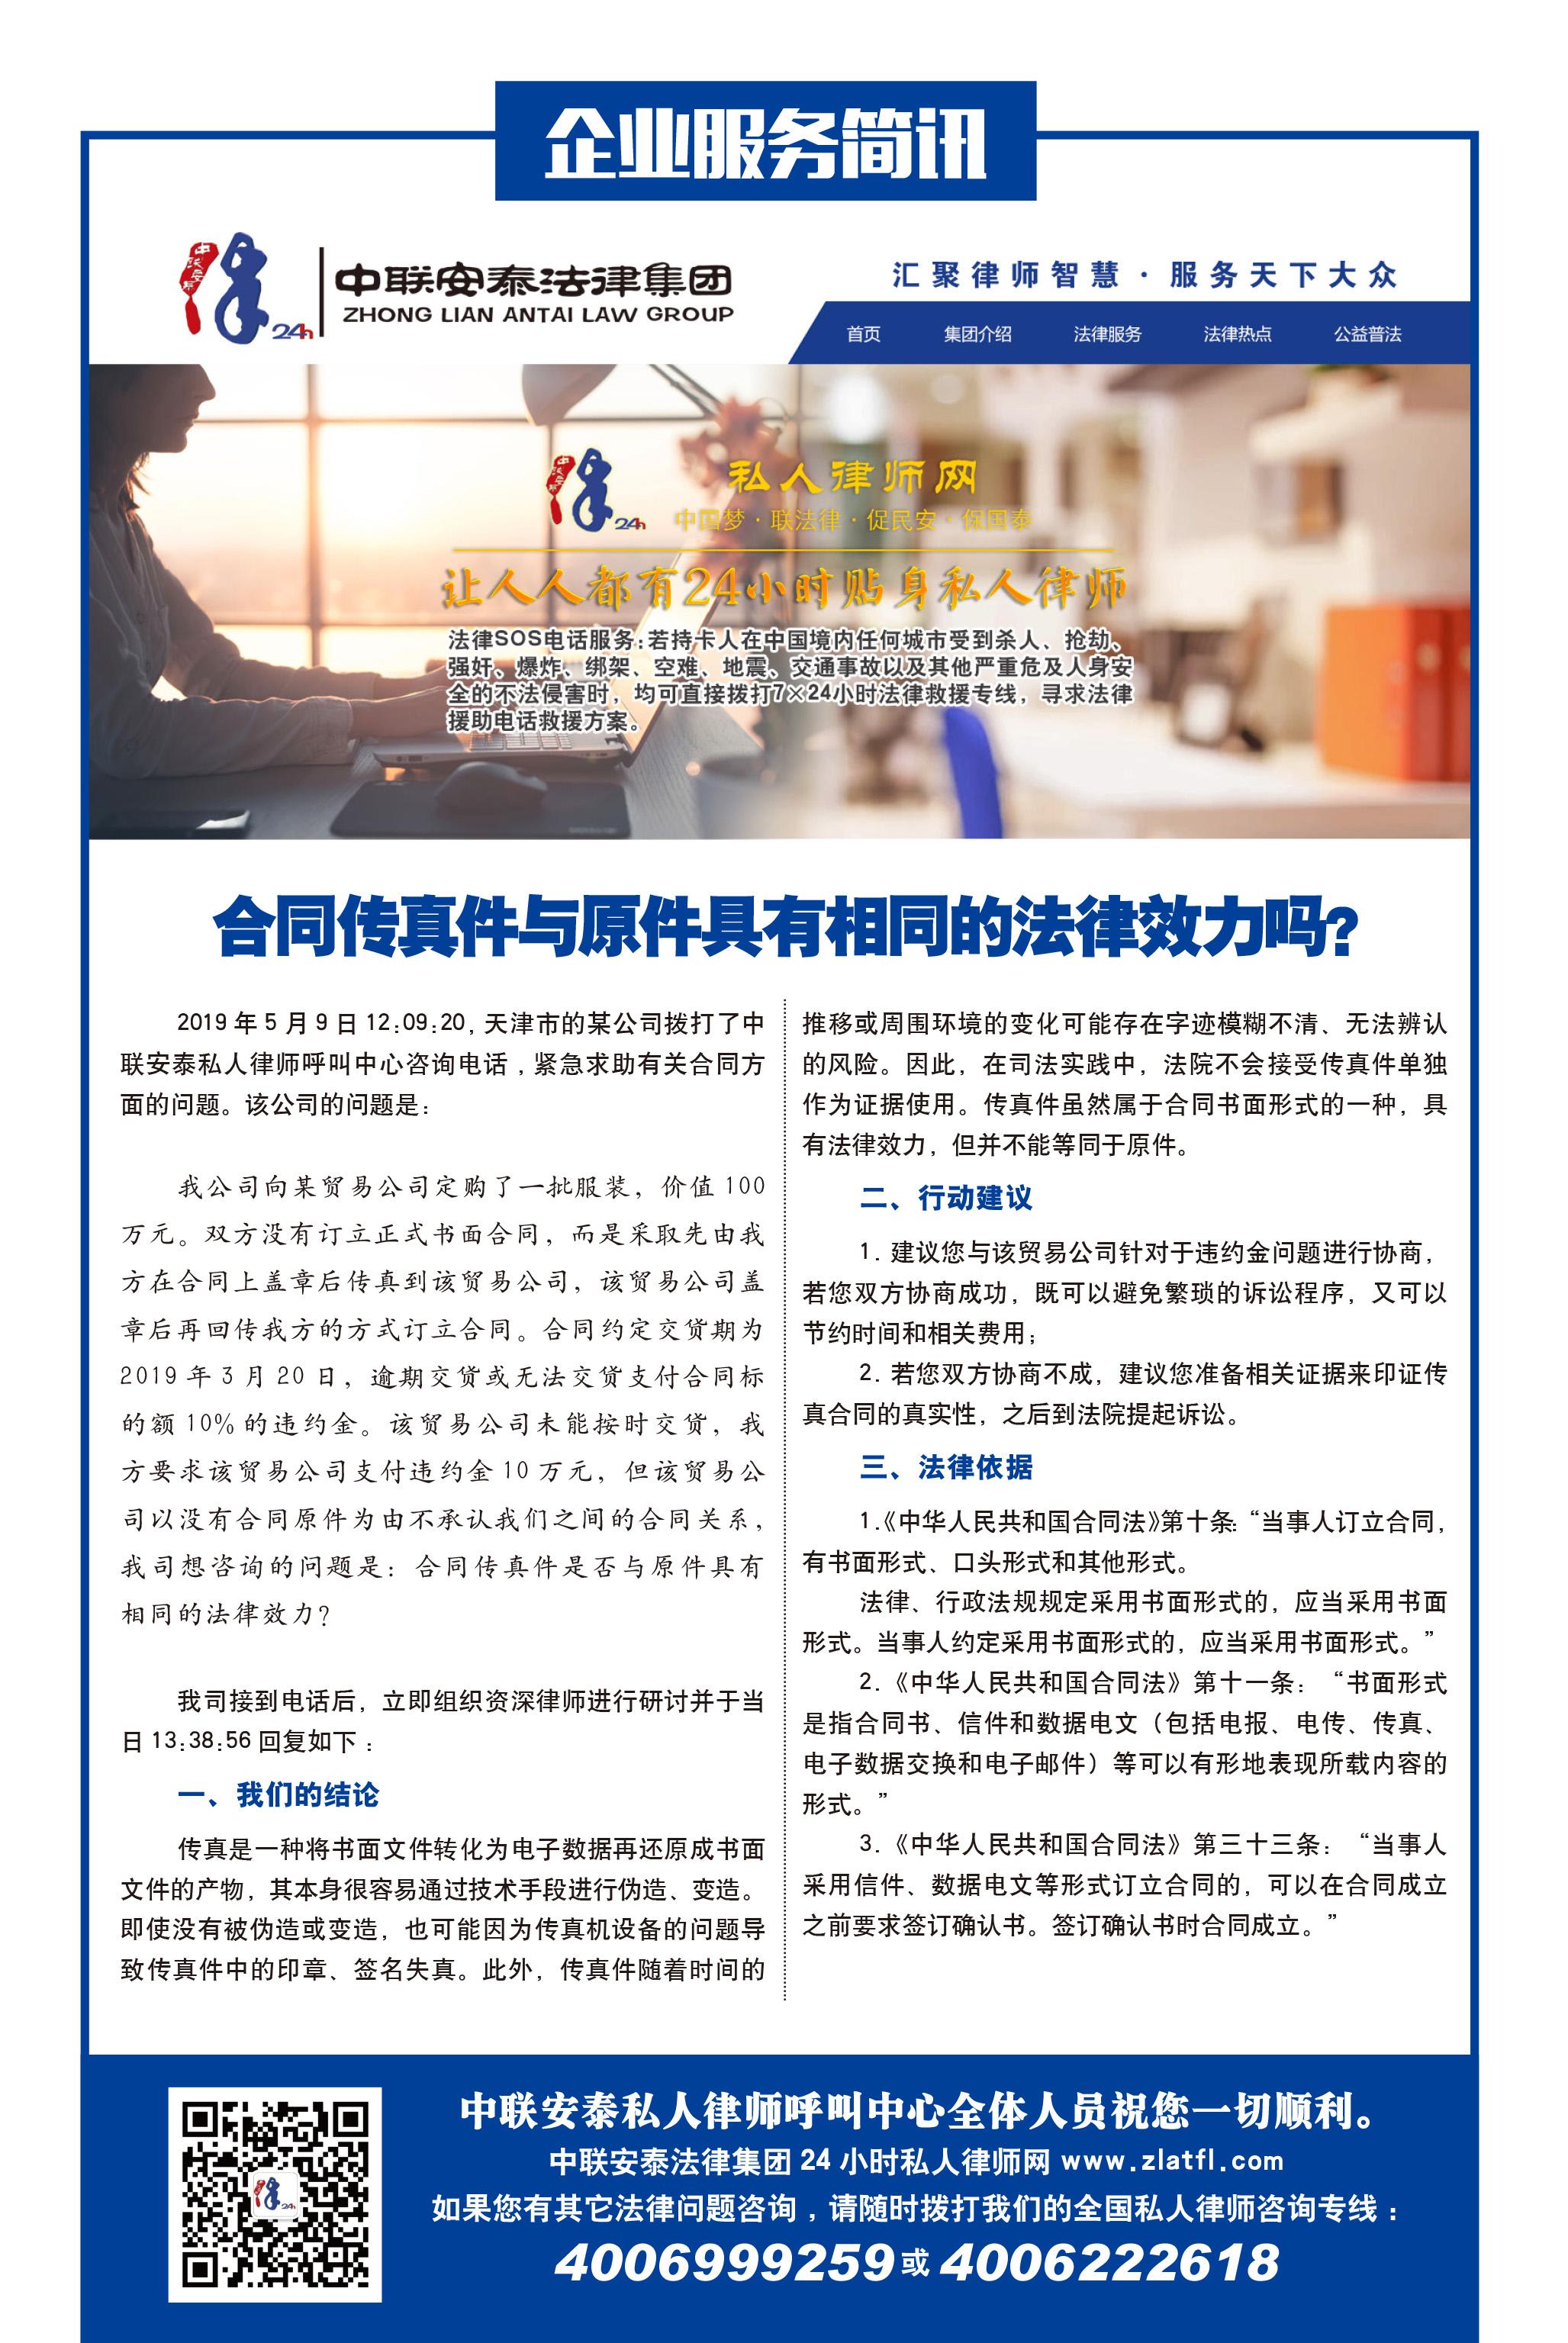 0510企业服务简讯.jpg